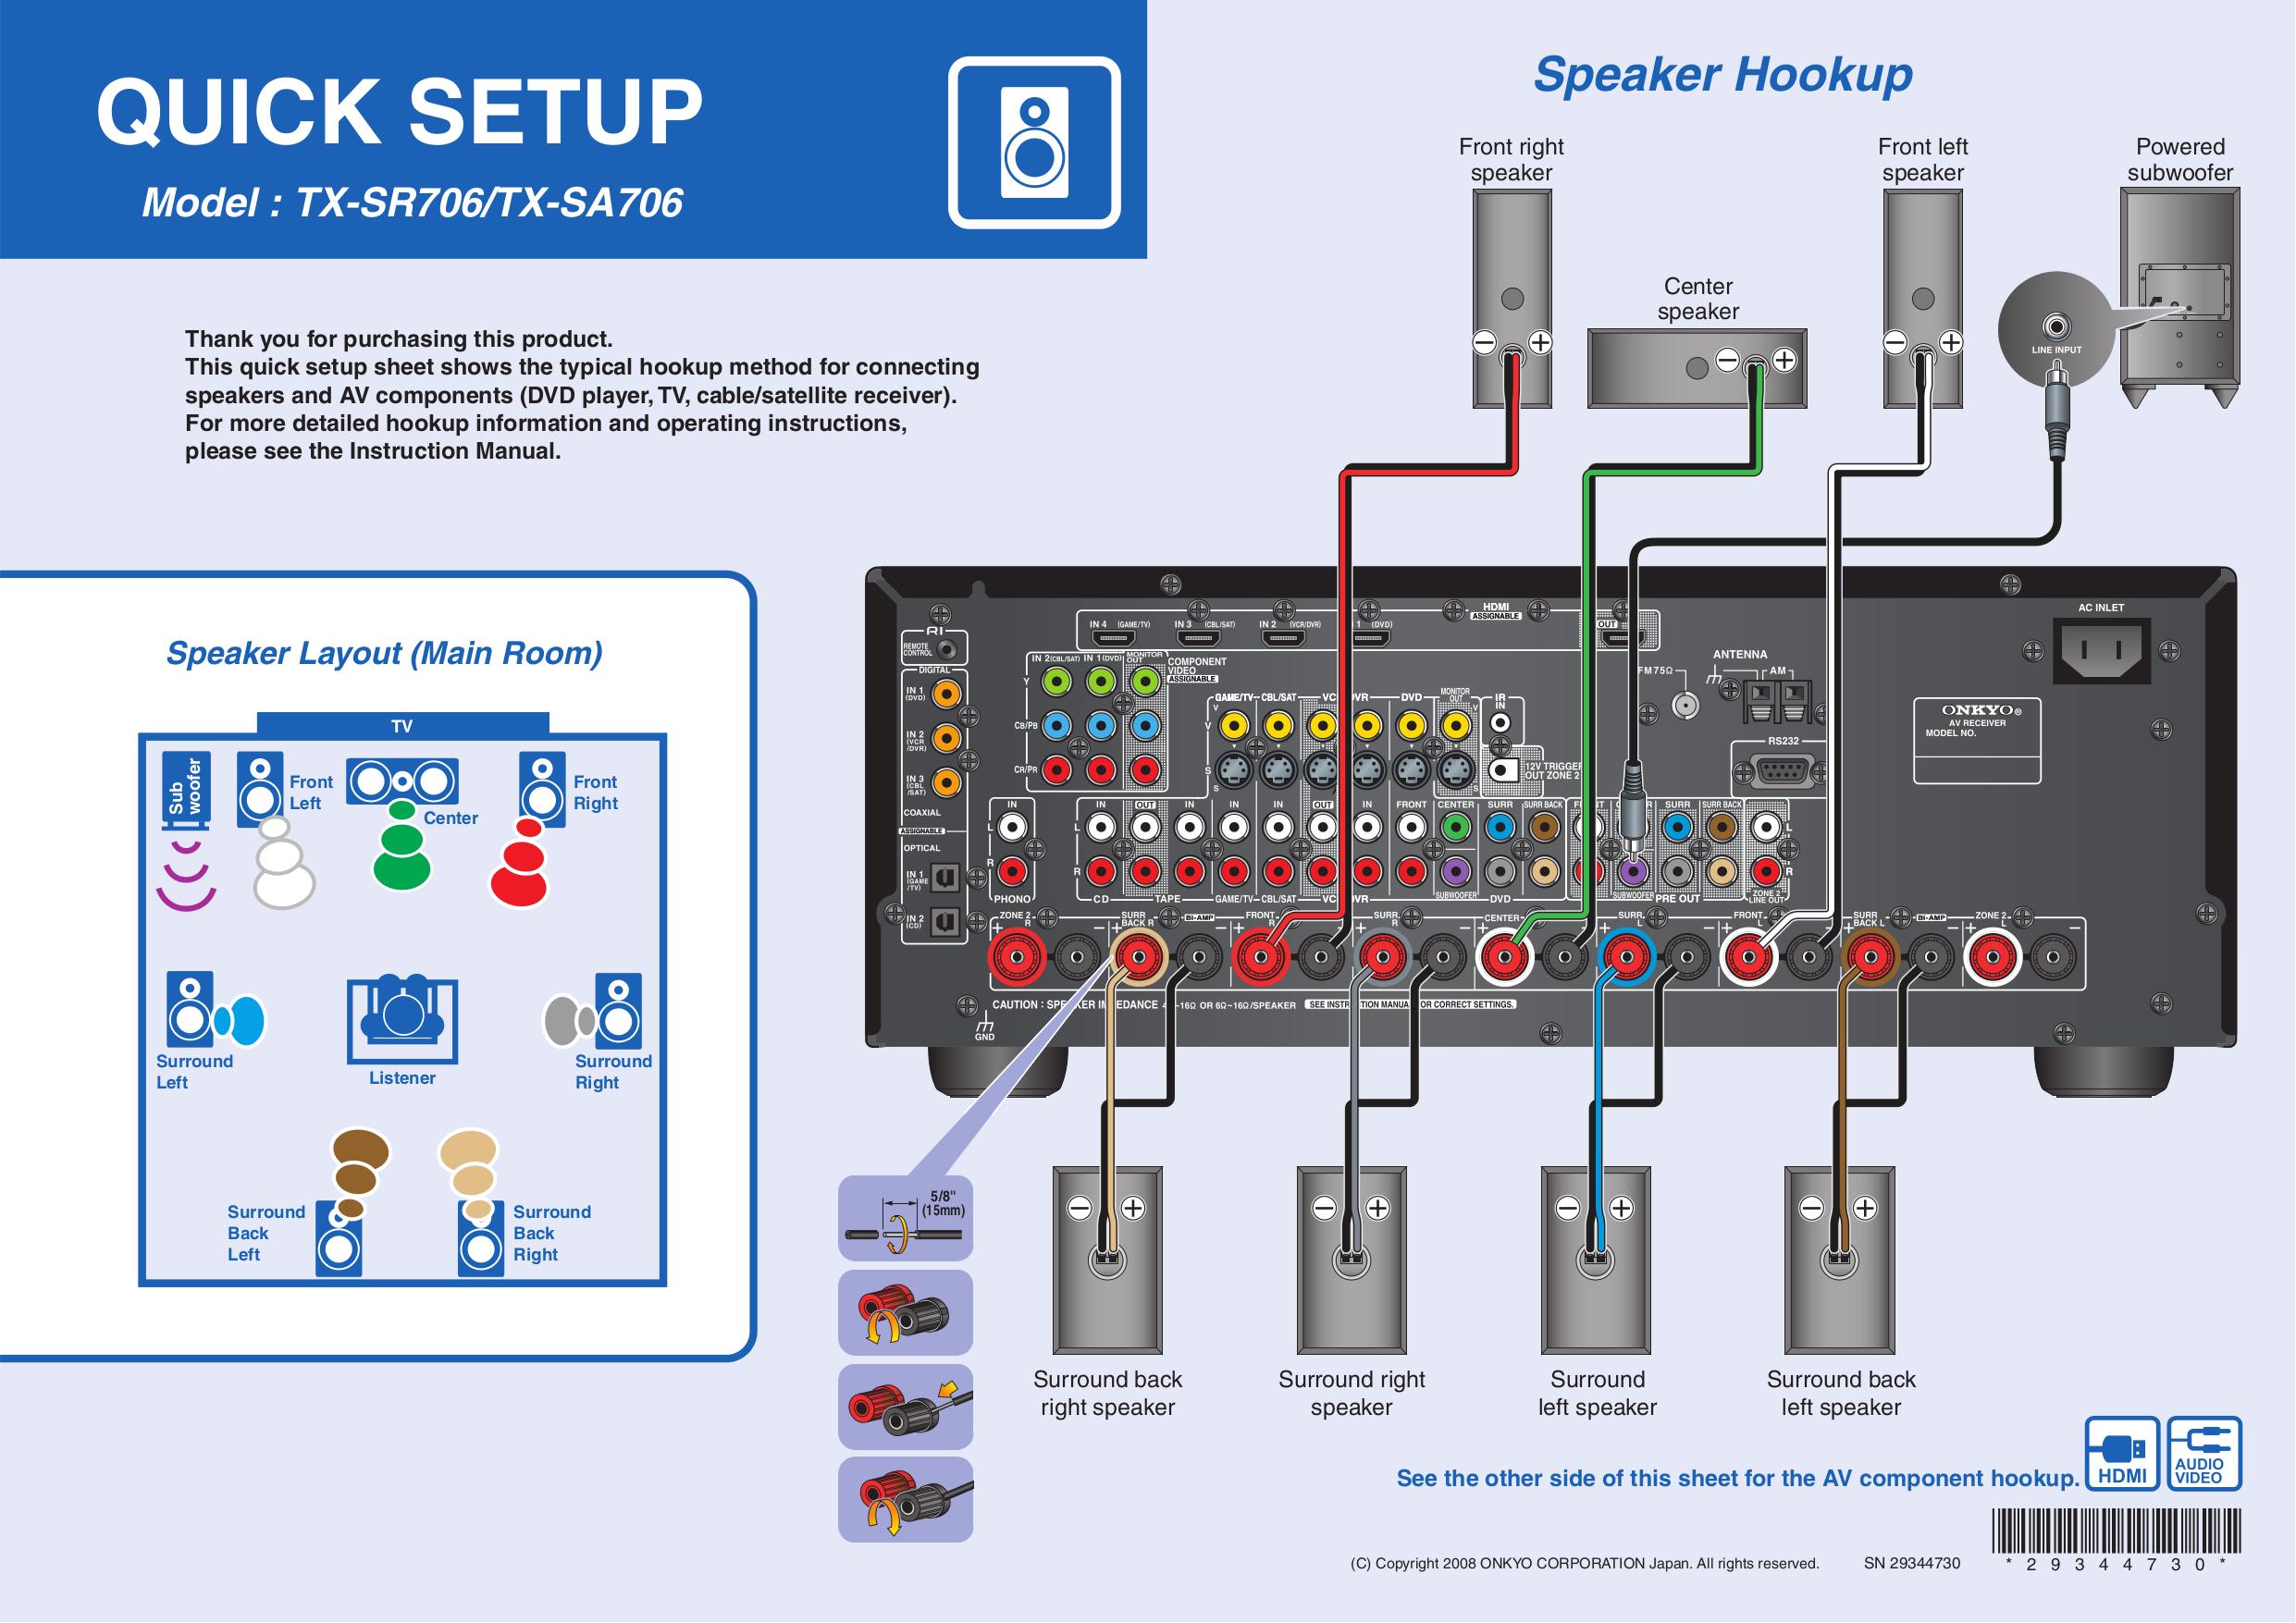 Onkyo tx sr706 manual download.